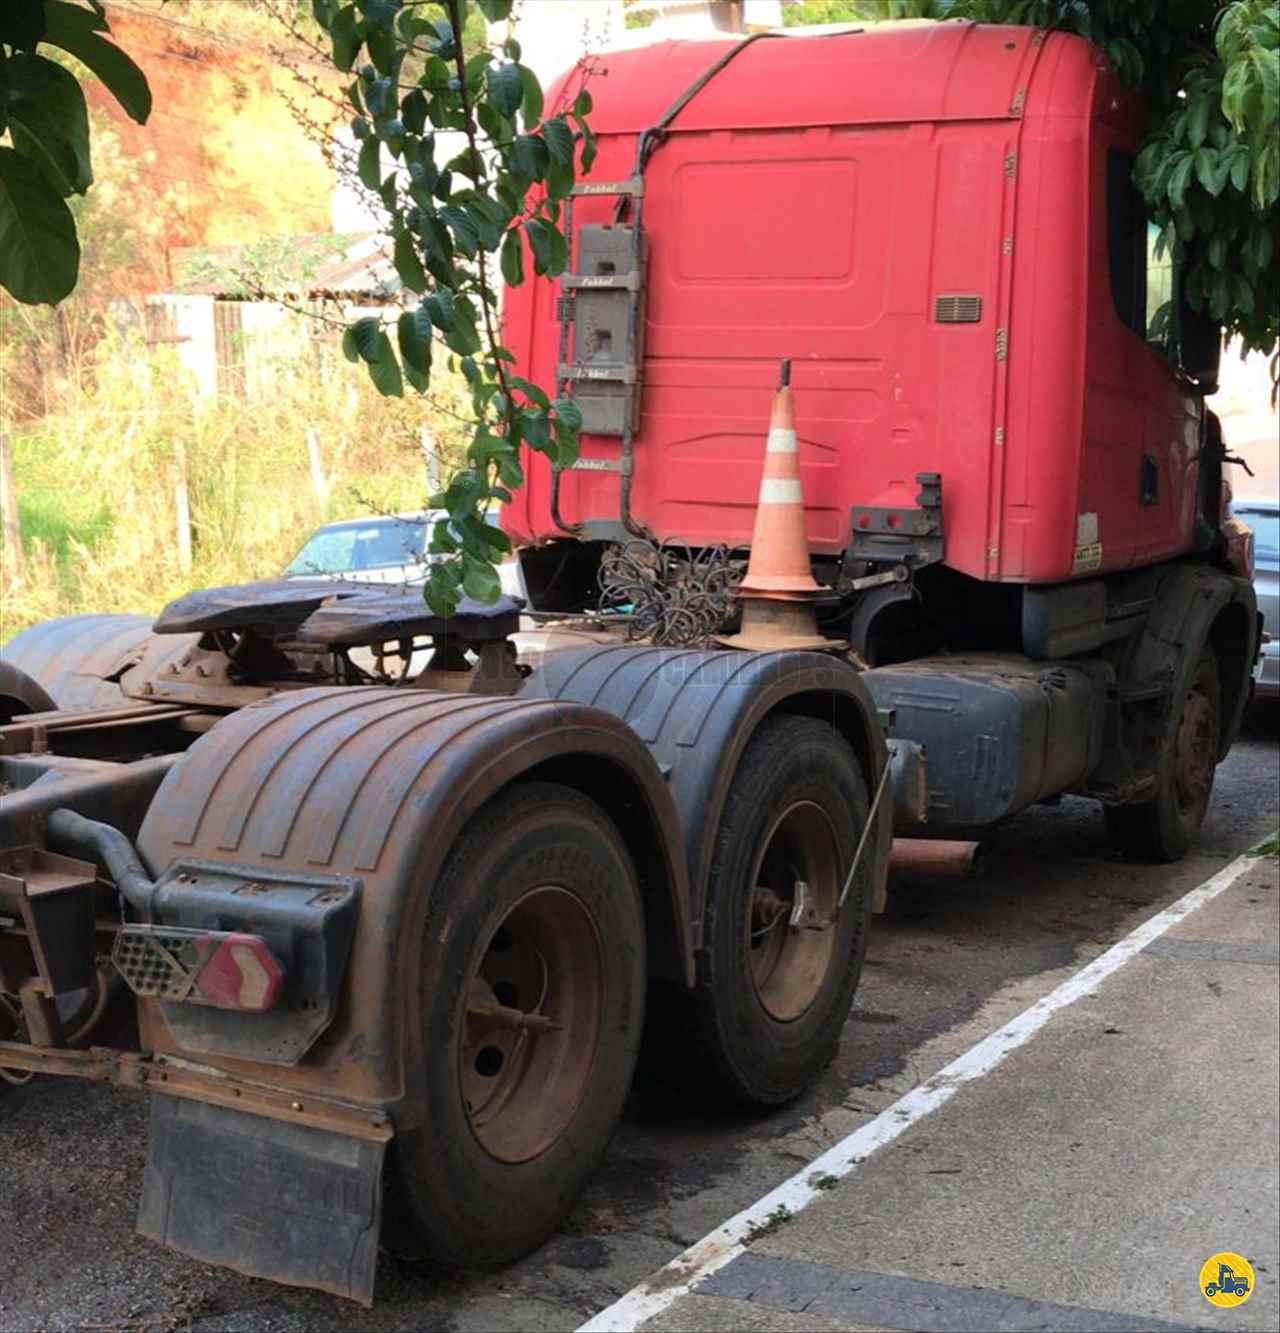 CAMINHAO SCANIA SCANIA 124 360 Cavalo Mecânico Truck 6x2 Globo Caminhões Helio Maringá MARINGA PARANÁ PR